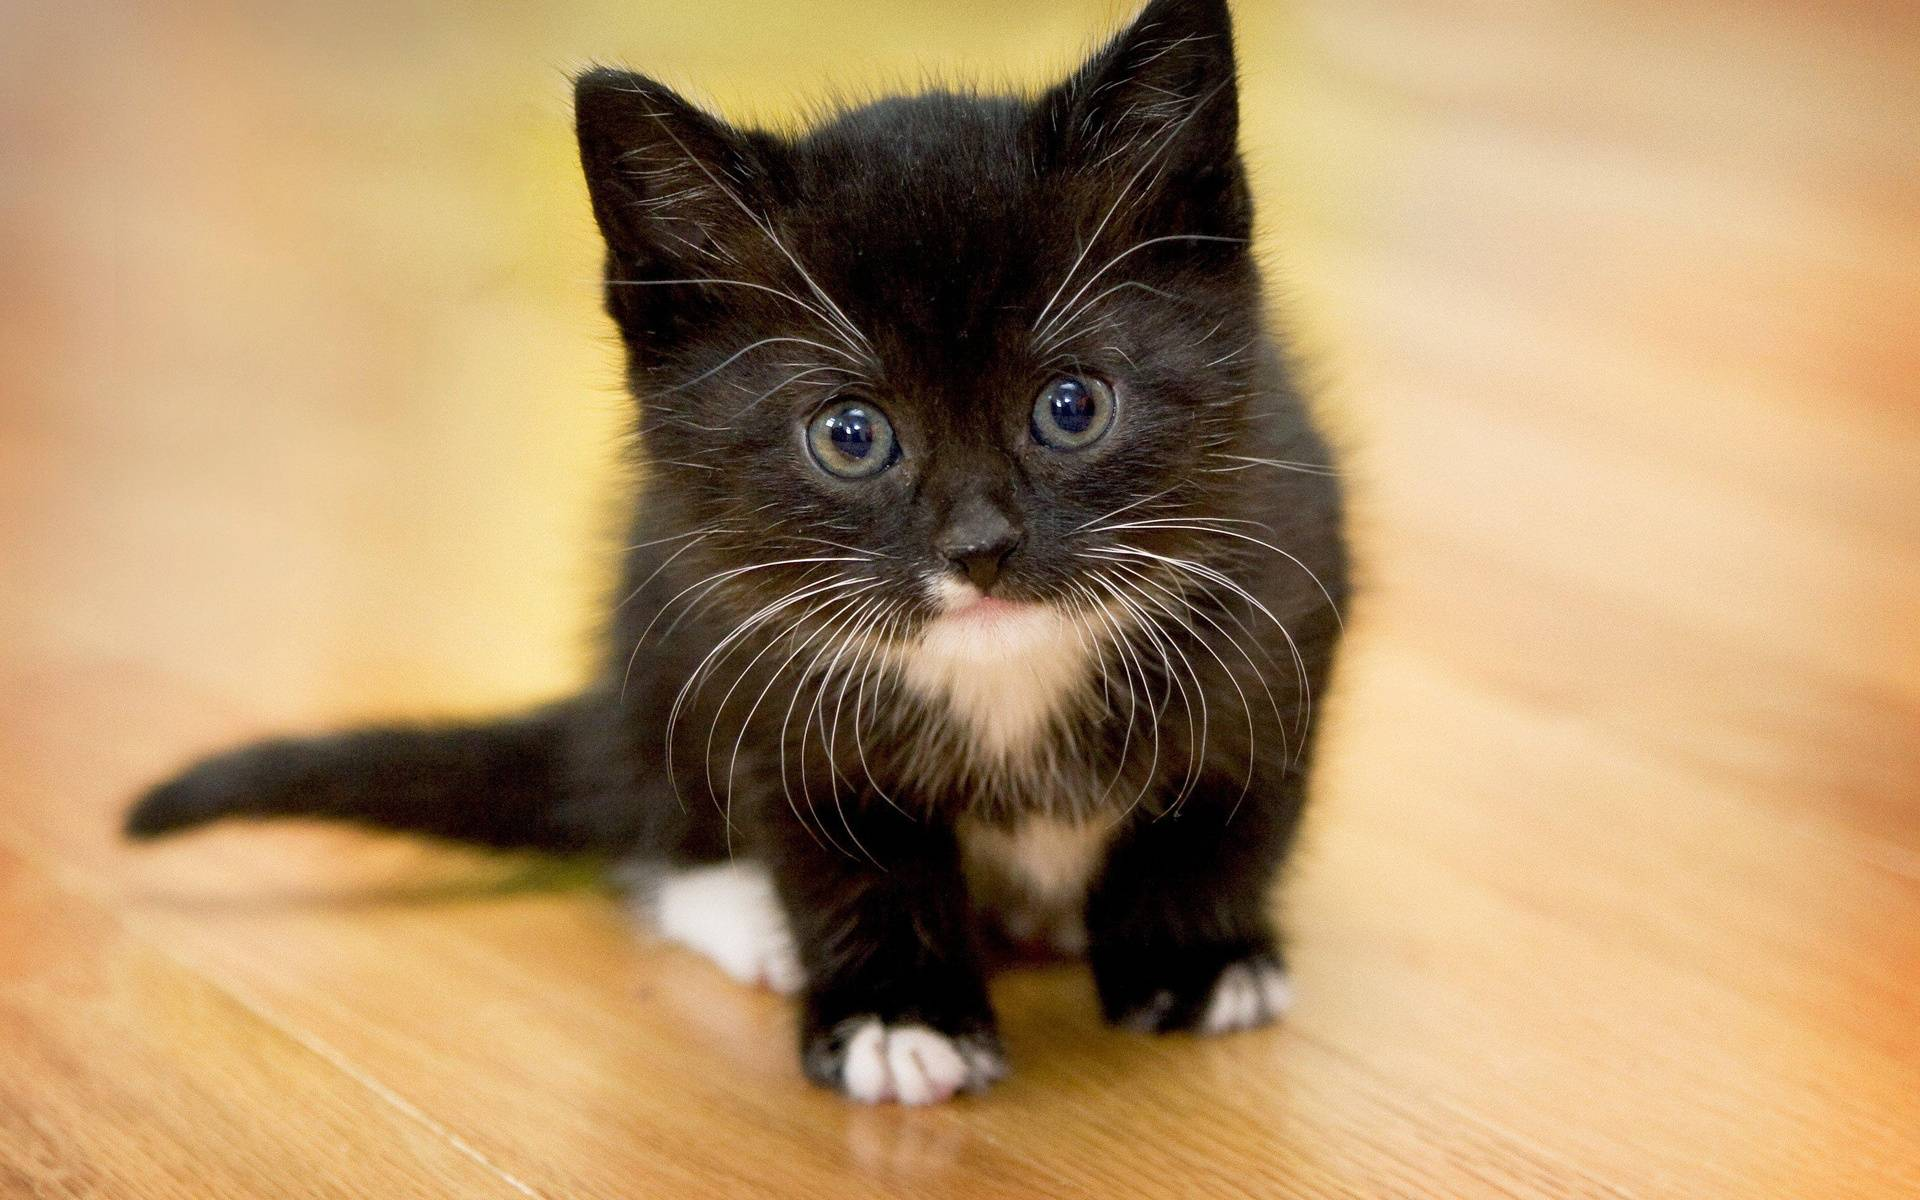 Что делать хозяину, если кошку рвет, причины рвоты и лечение, видео